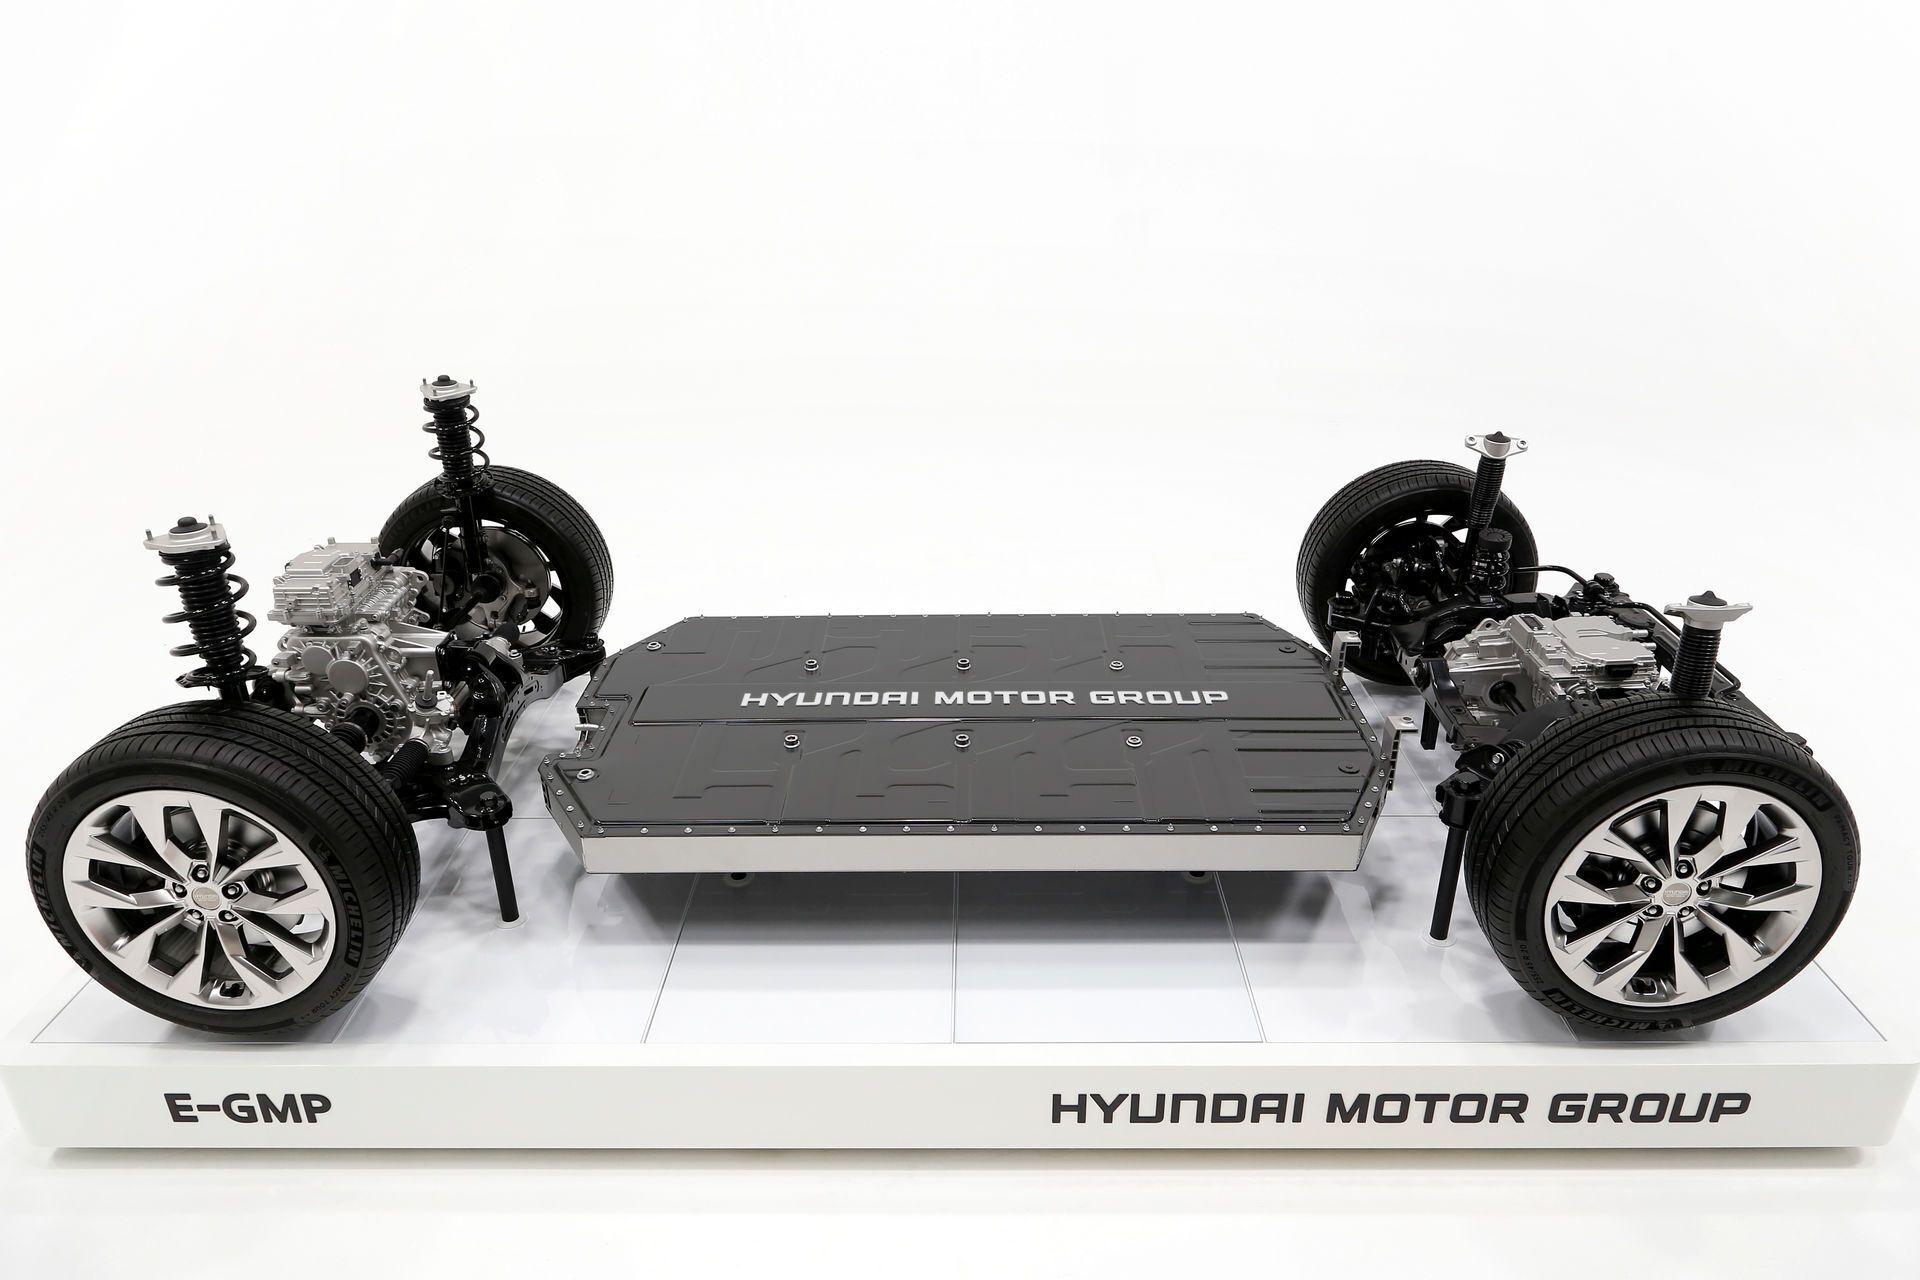 Платформа E-GMPможет использоваться для подключения внешних источников потребления электроэнергии и даже для подзарядки других электромобилей